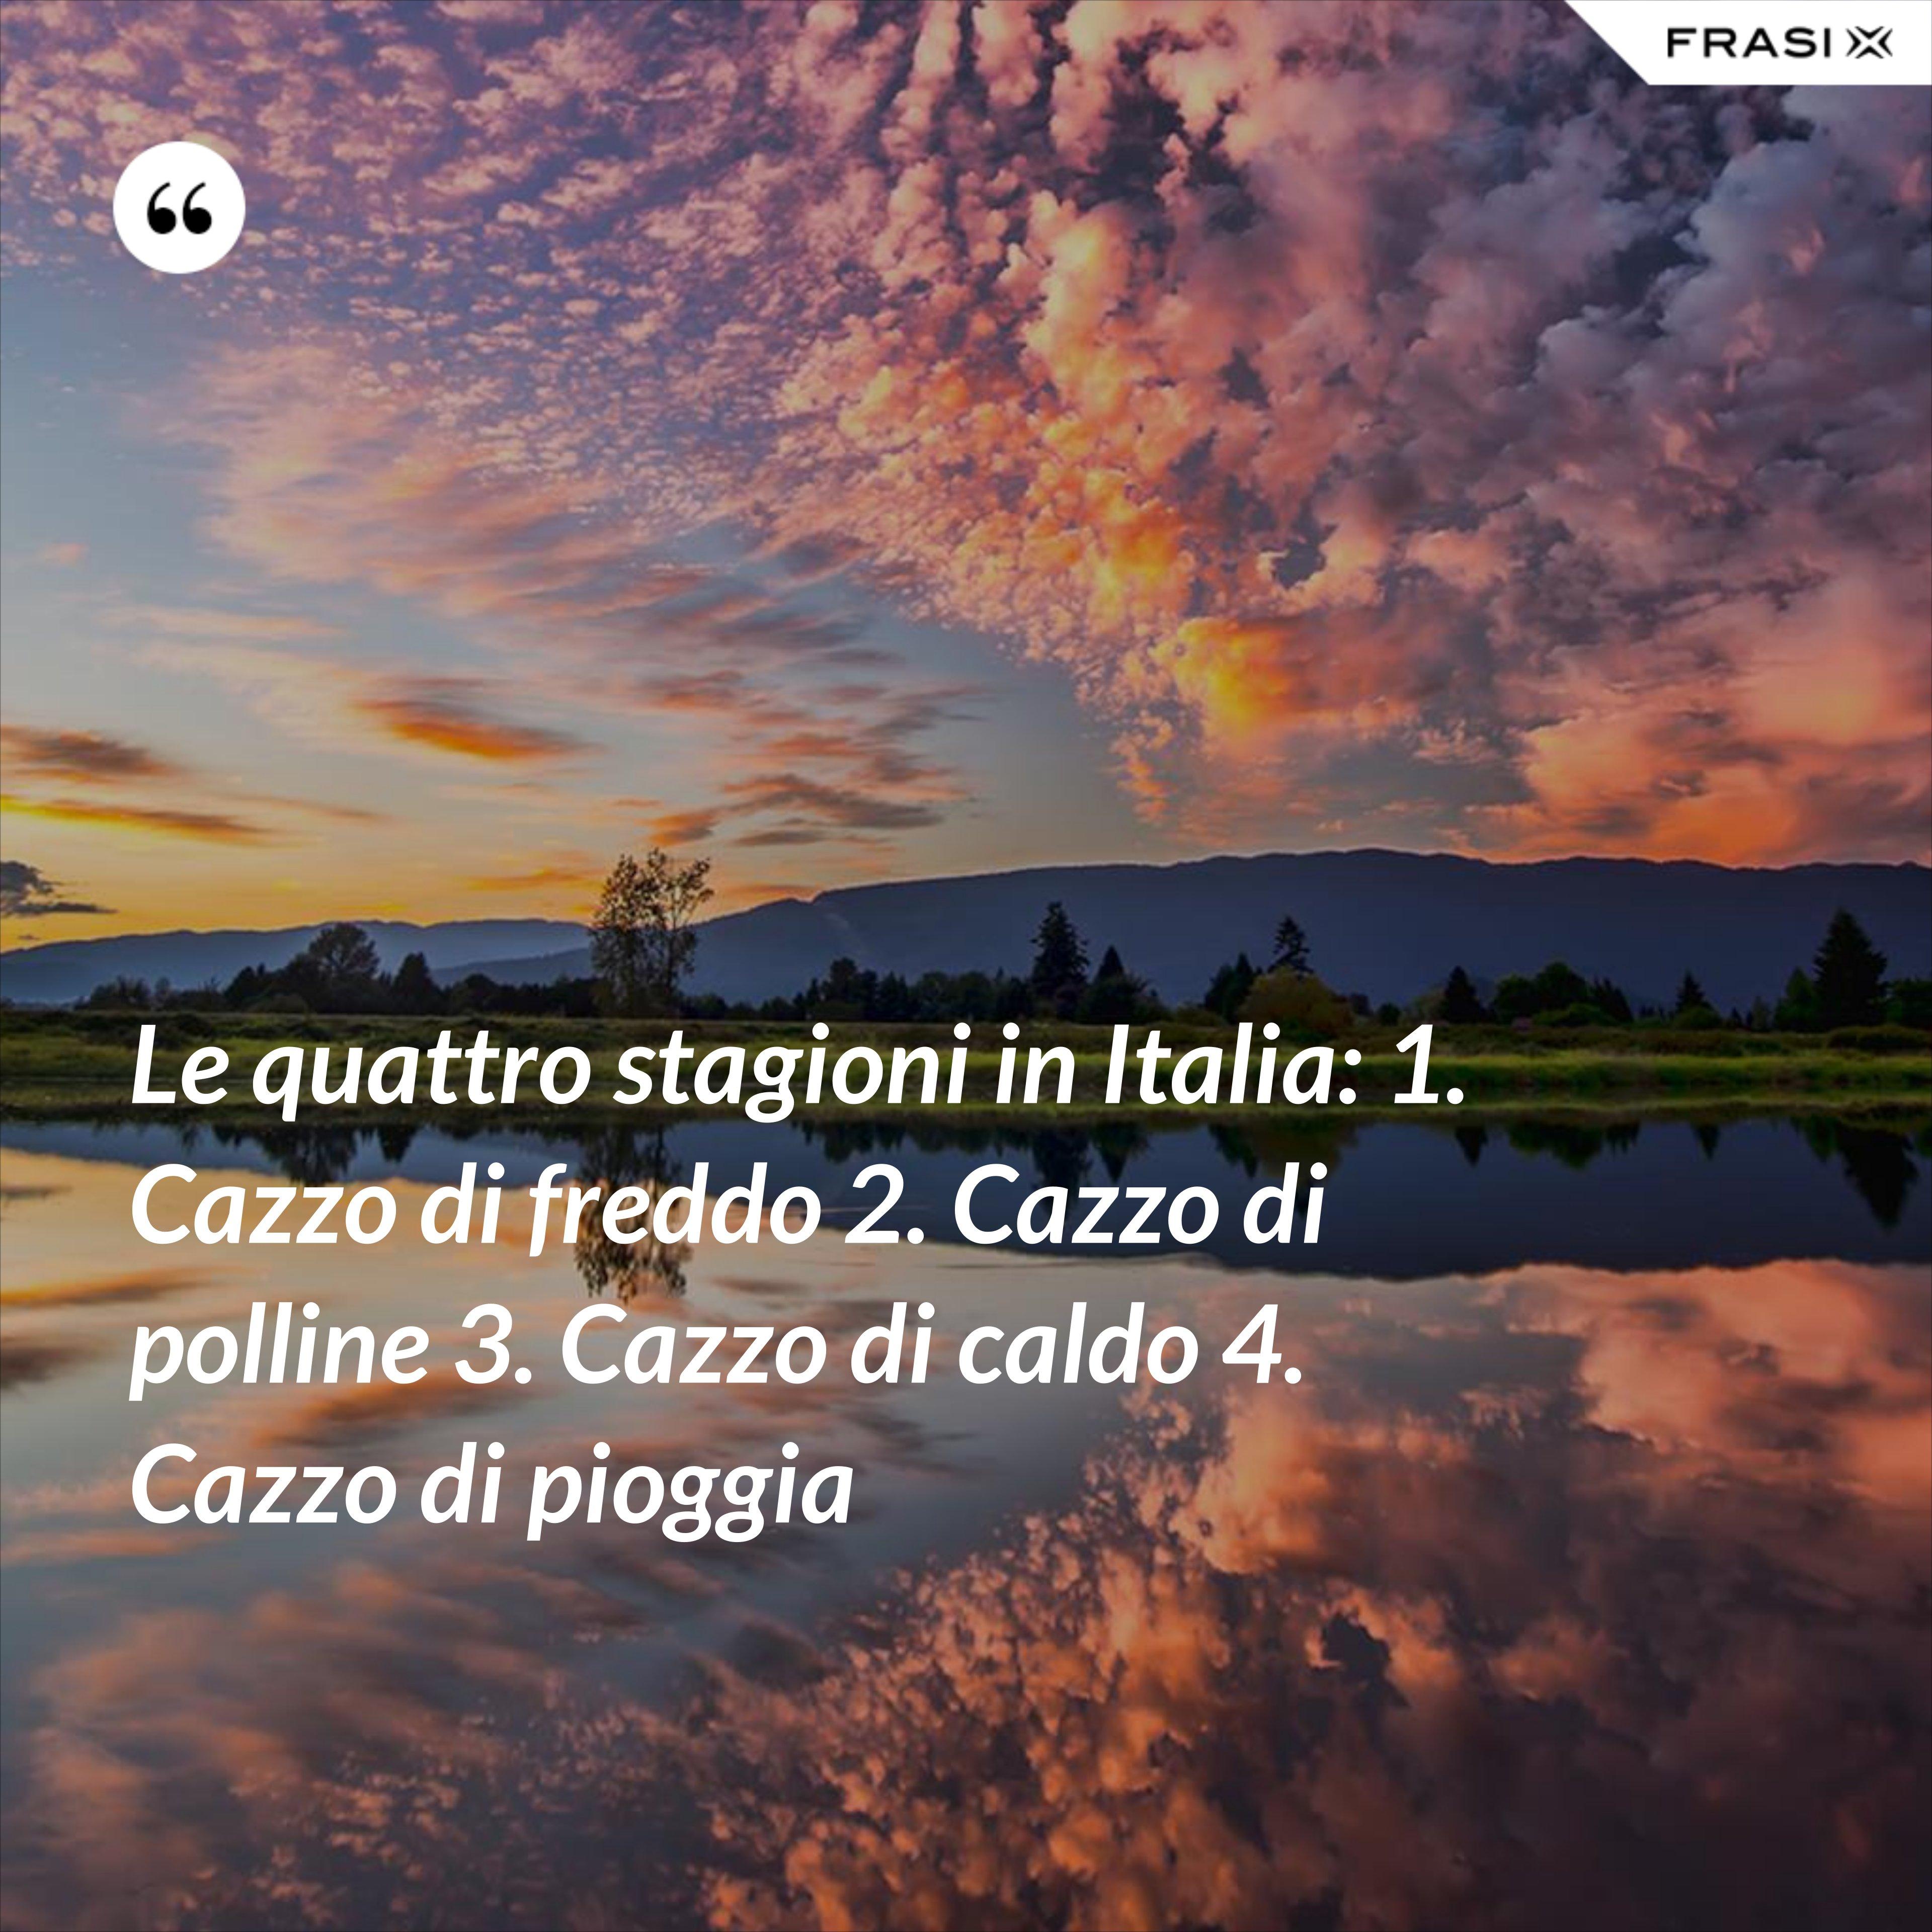 Le quattro stagioni in Italia: 1. Cazzo di freddo 2. Cazzo di polline 3. Cazzo di caldo 4. Cazzo di pioggia - Anonimo